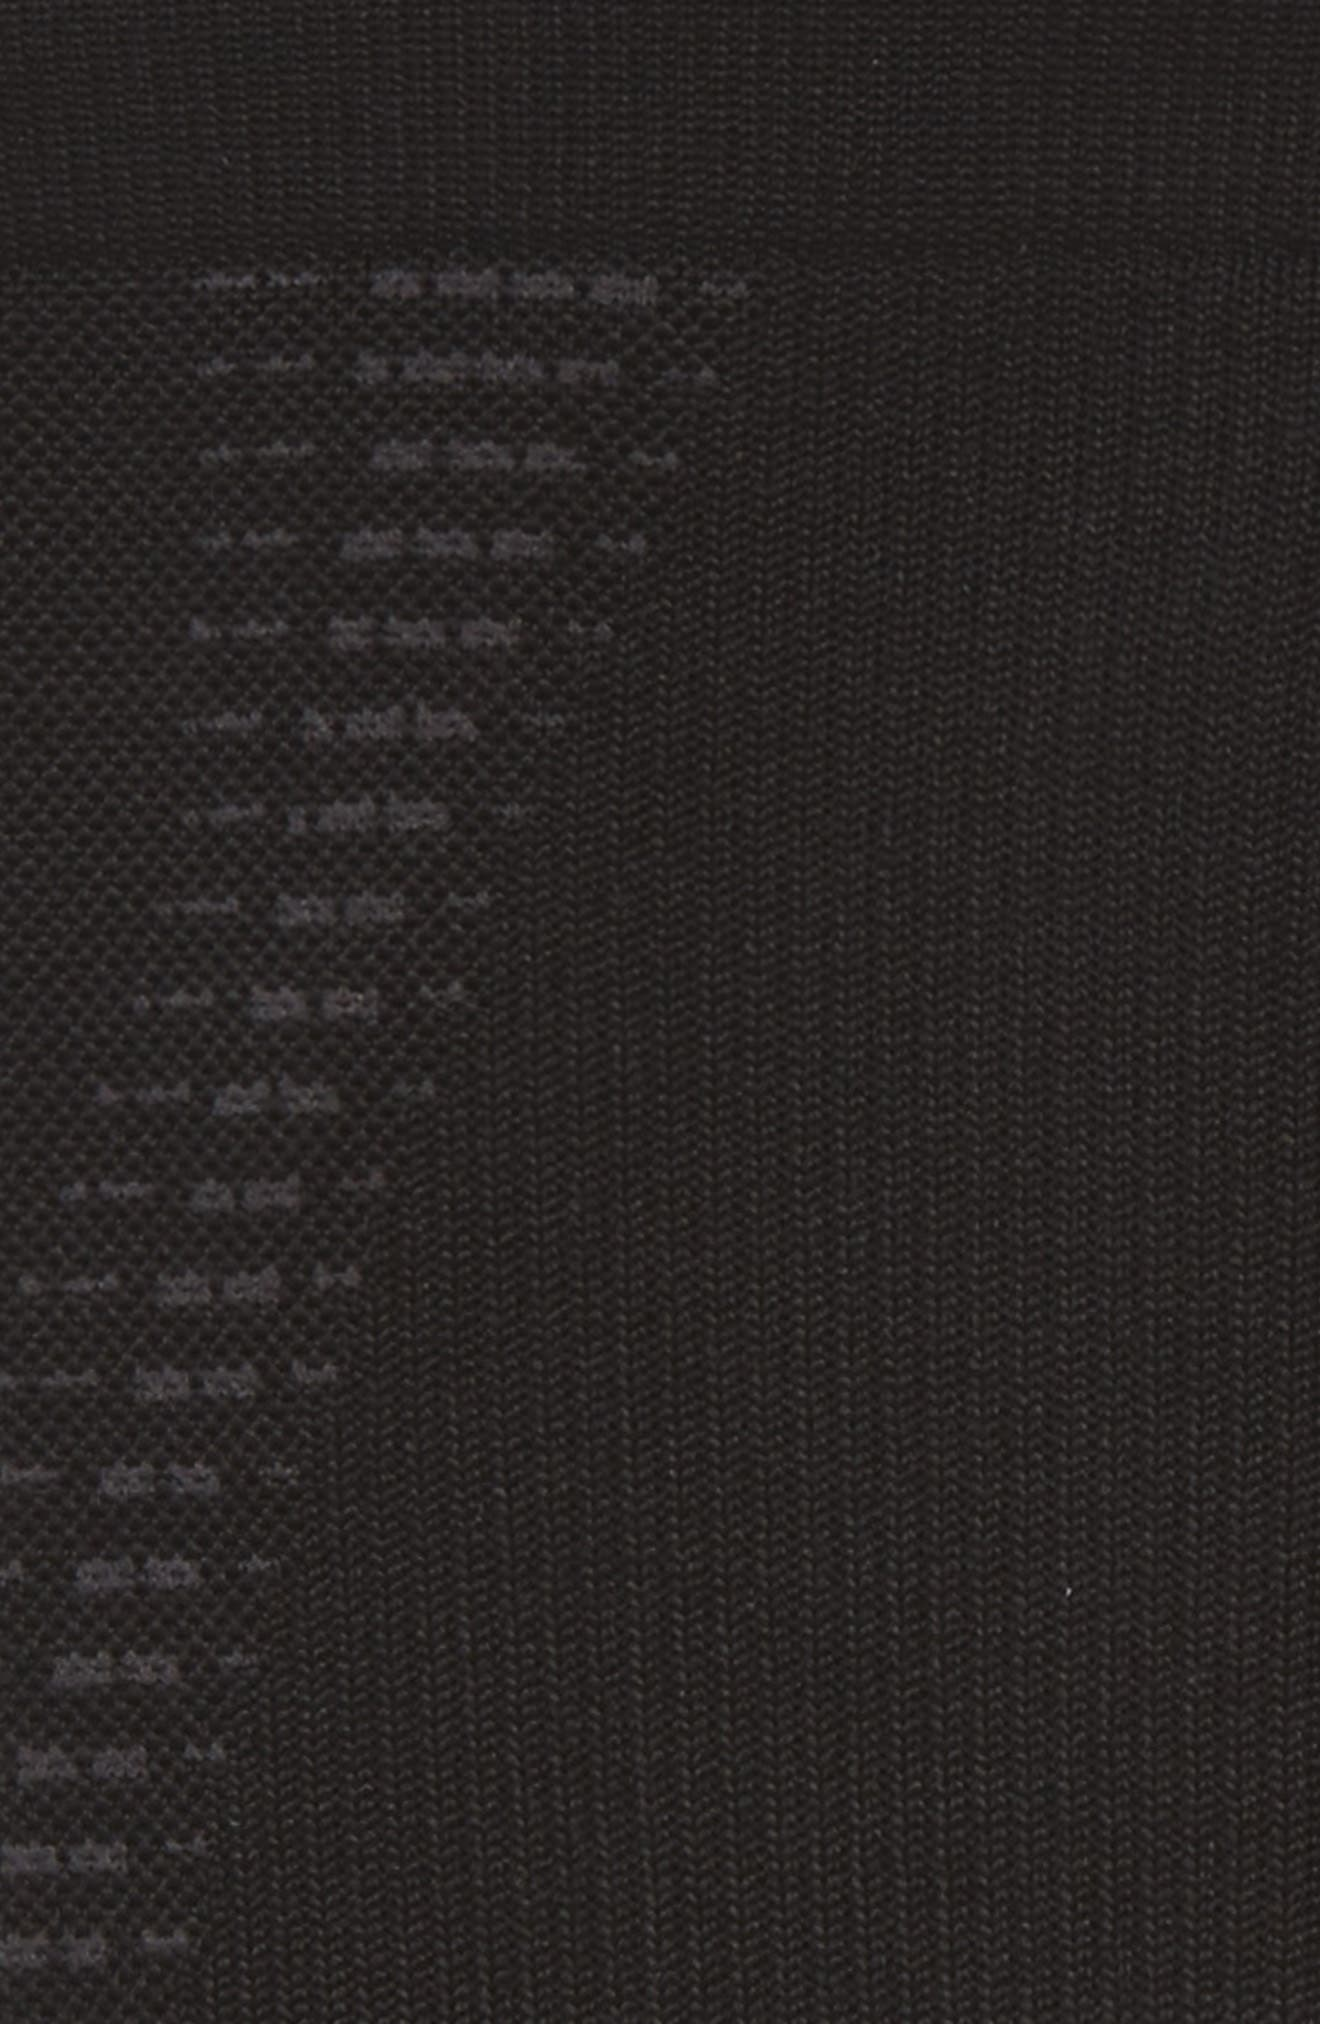 Elite Running Crew Socks,                             Alternate thumbnail 3, color,                             010